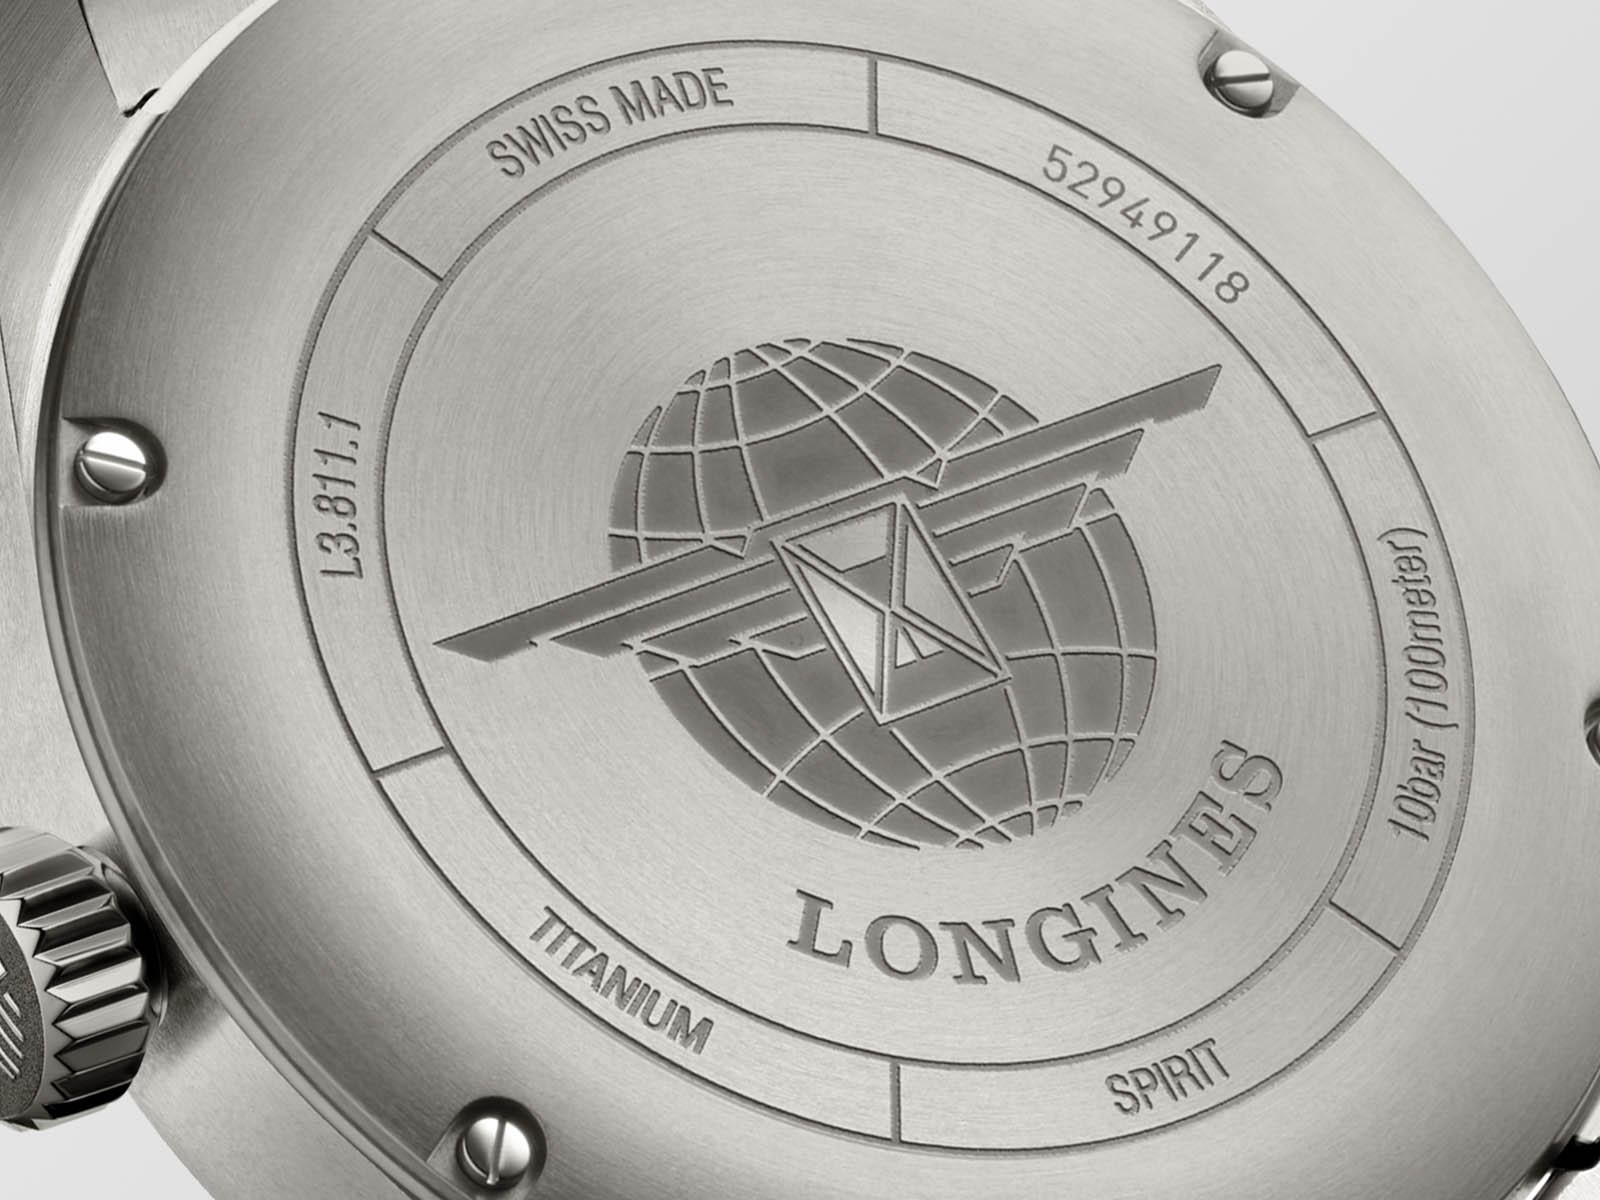 longines-spirit-titanium-collection-2021-9.jpg